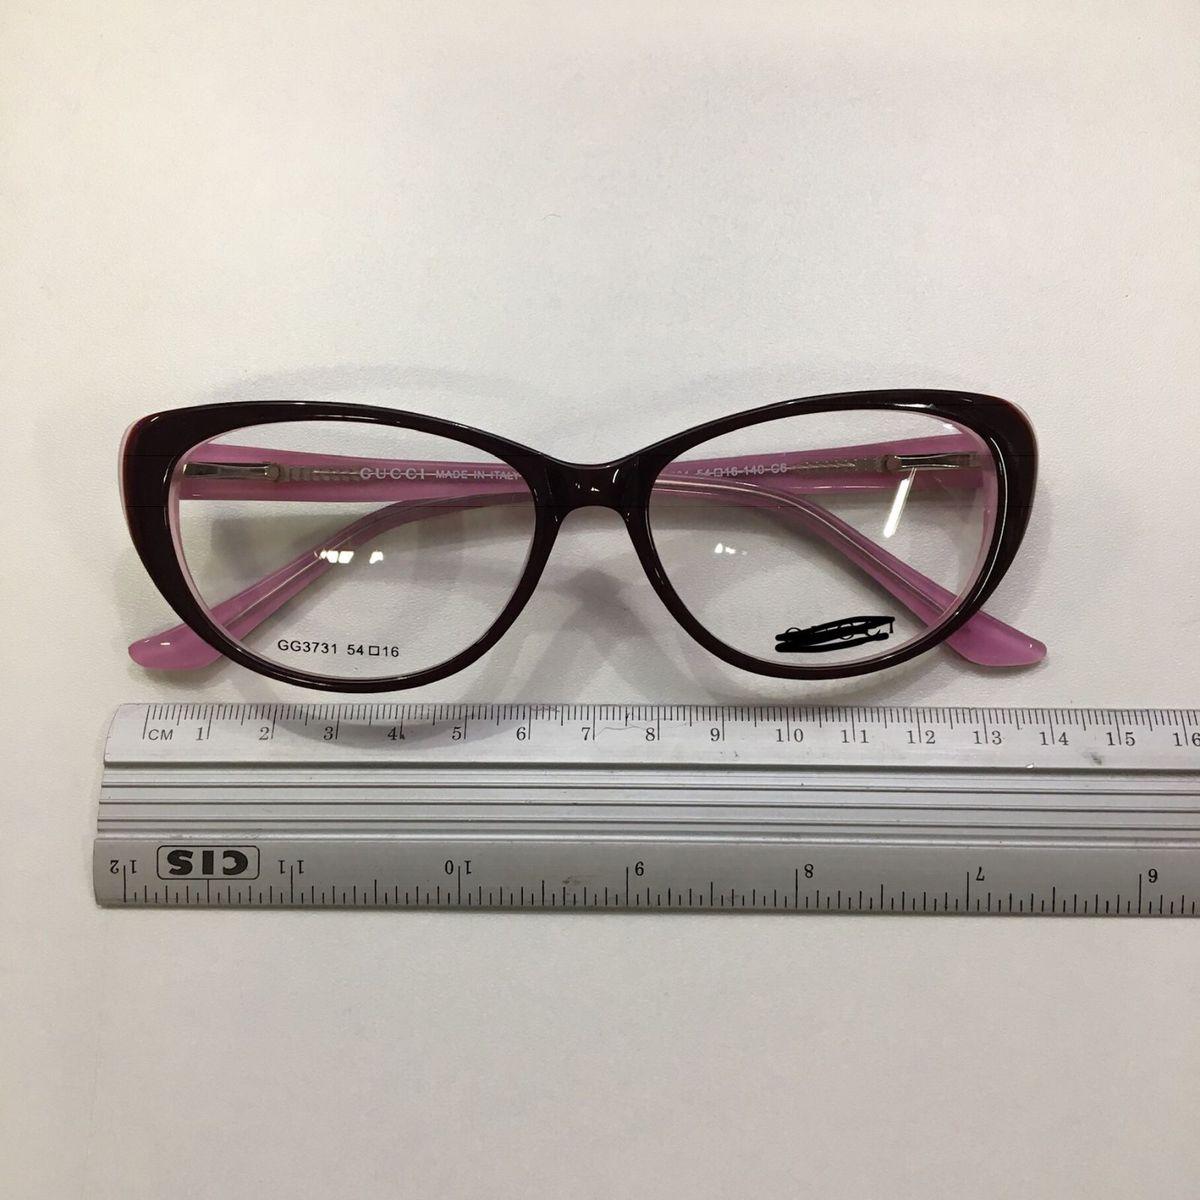 4a8531d011bb9 armação de óculos de grau acetato gatinho vintage bordô e rosa - óculos  sem-marca